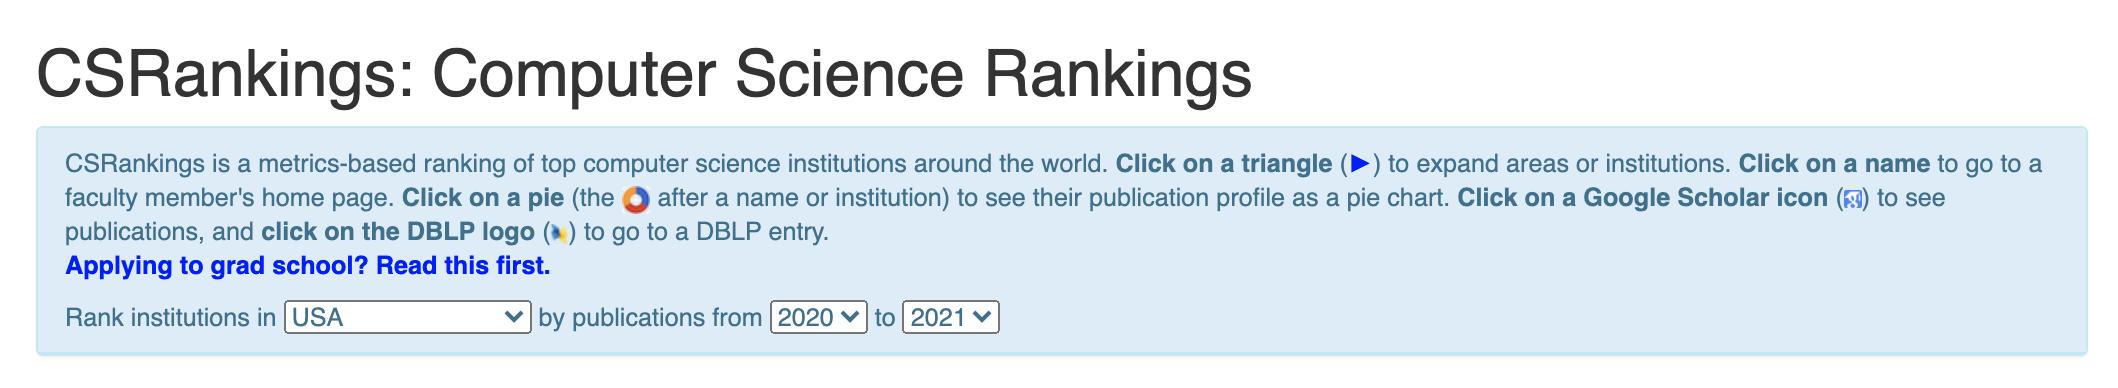 2021年CS Rankings公布最新计算机专业排名!UIUC力压MIT排名第二,UMD冲进前10!